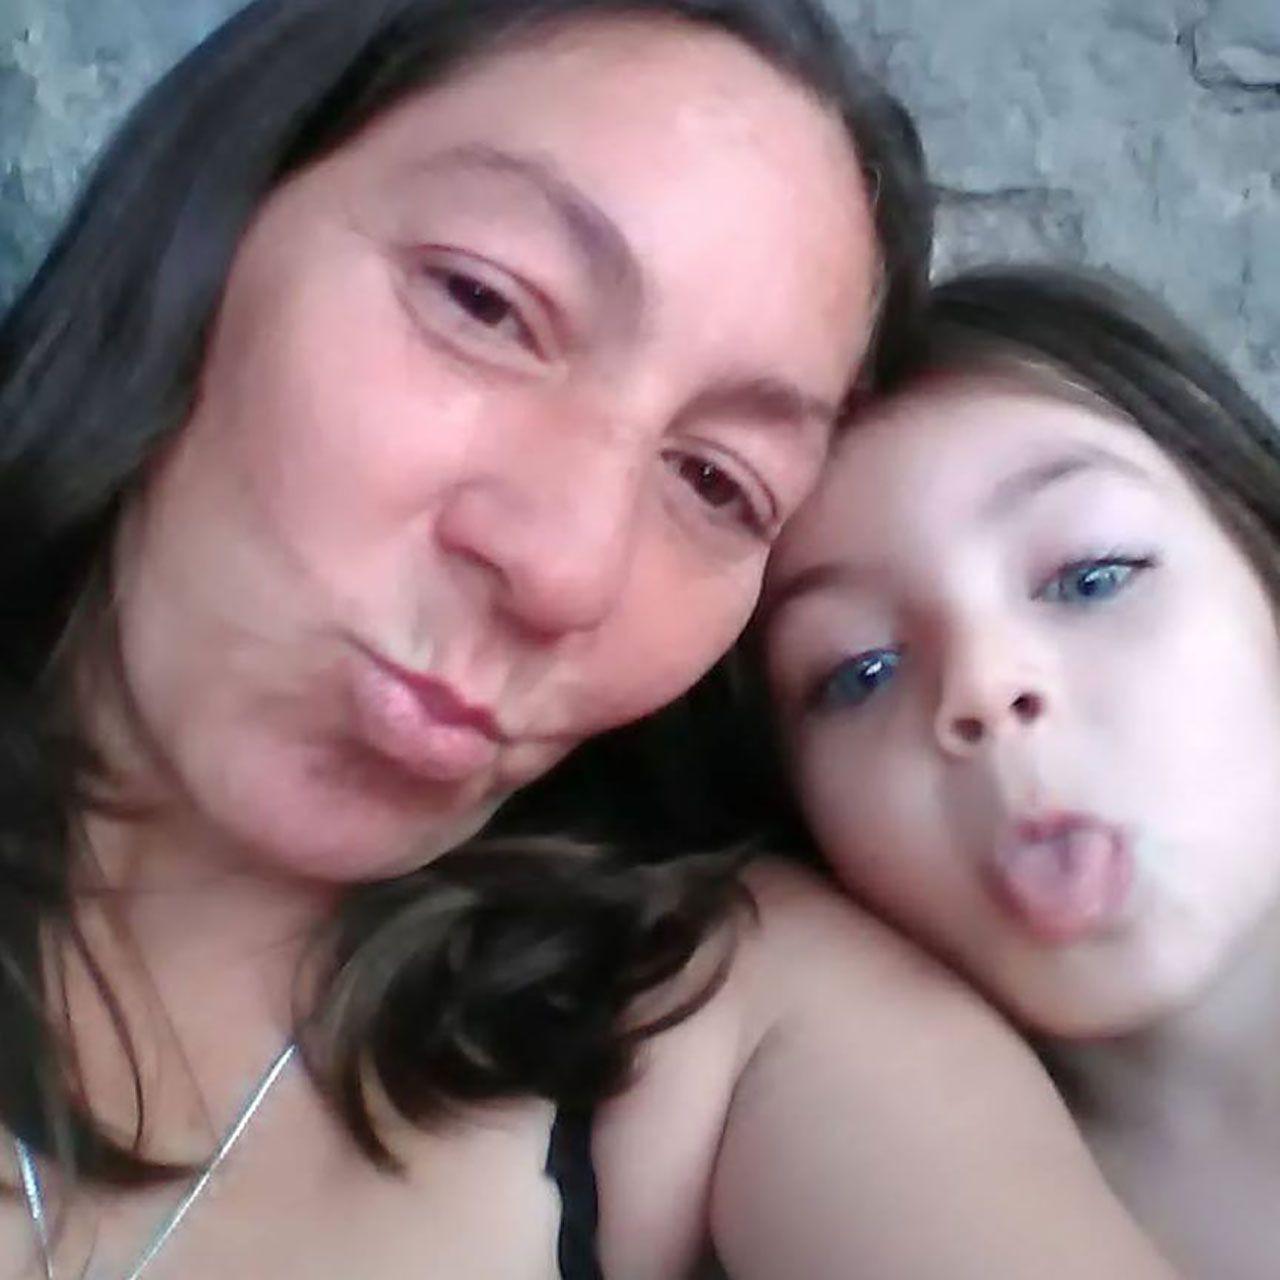 Arjantinde Dehşet! Sevgilisini ve kızını öldürüp bahçeye gömdü! - Sayfa 2